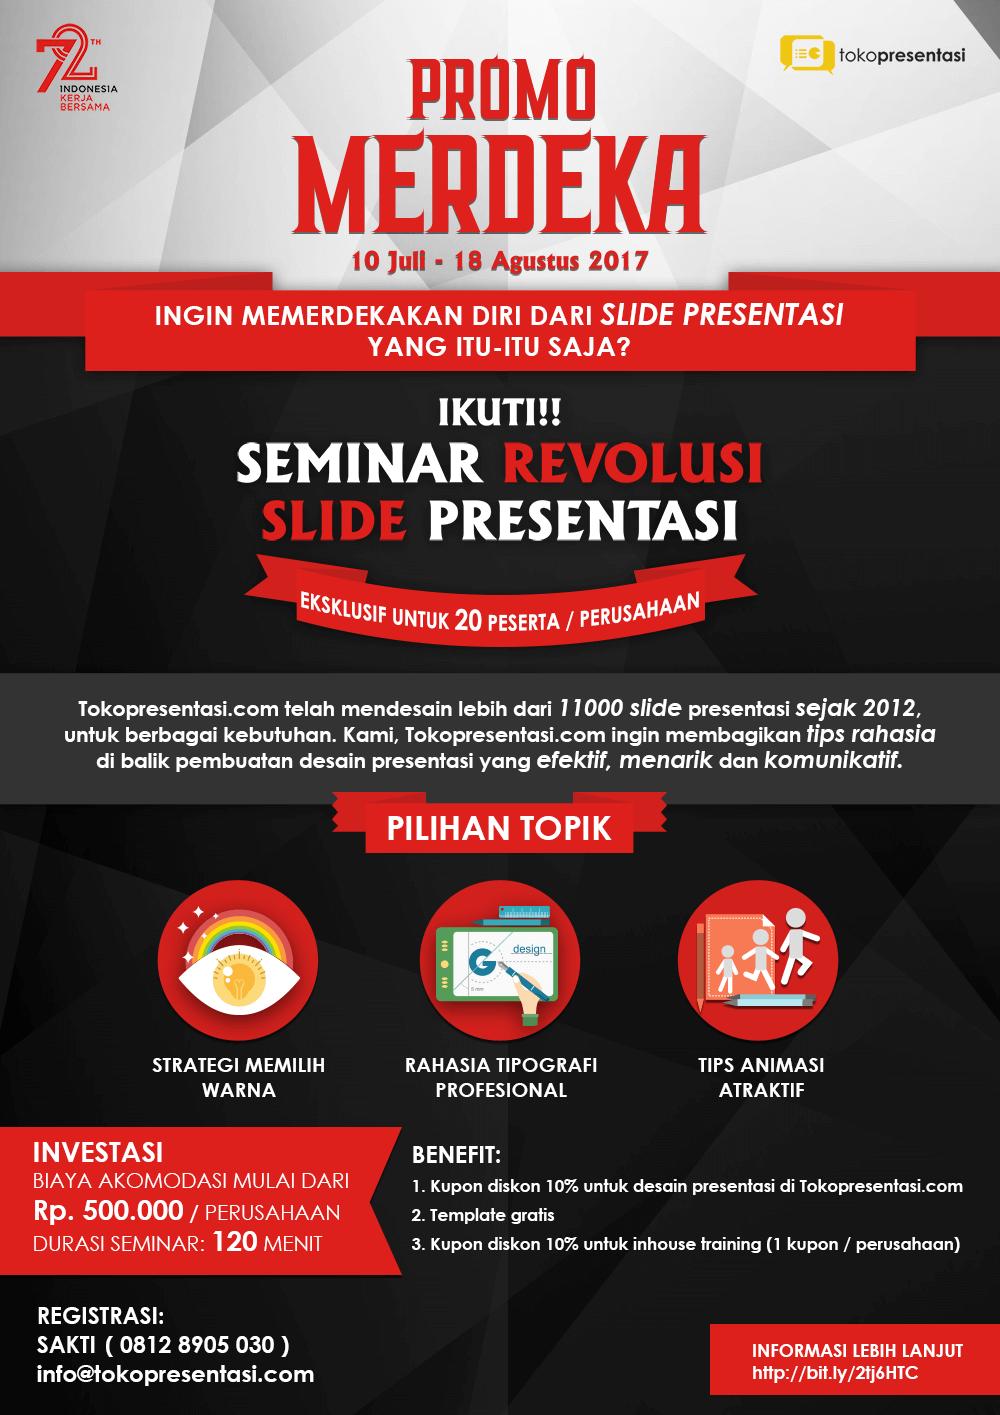 Tokopresentasi.com promo training presentasi tips presentasi jasa presentasi jasa desain slide presentasi jasa ppt